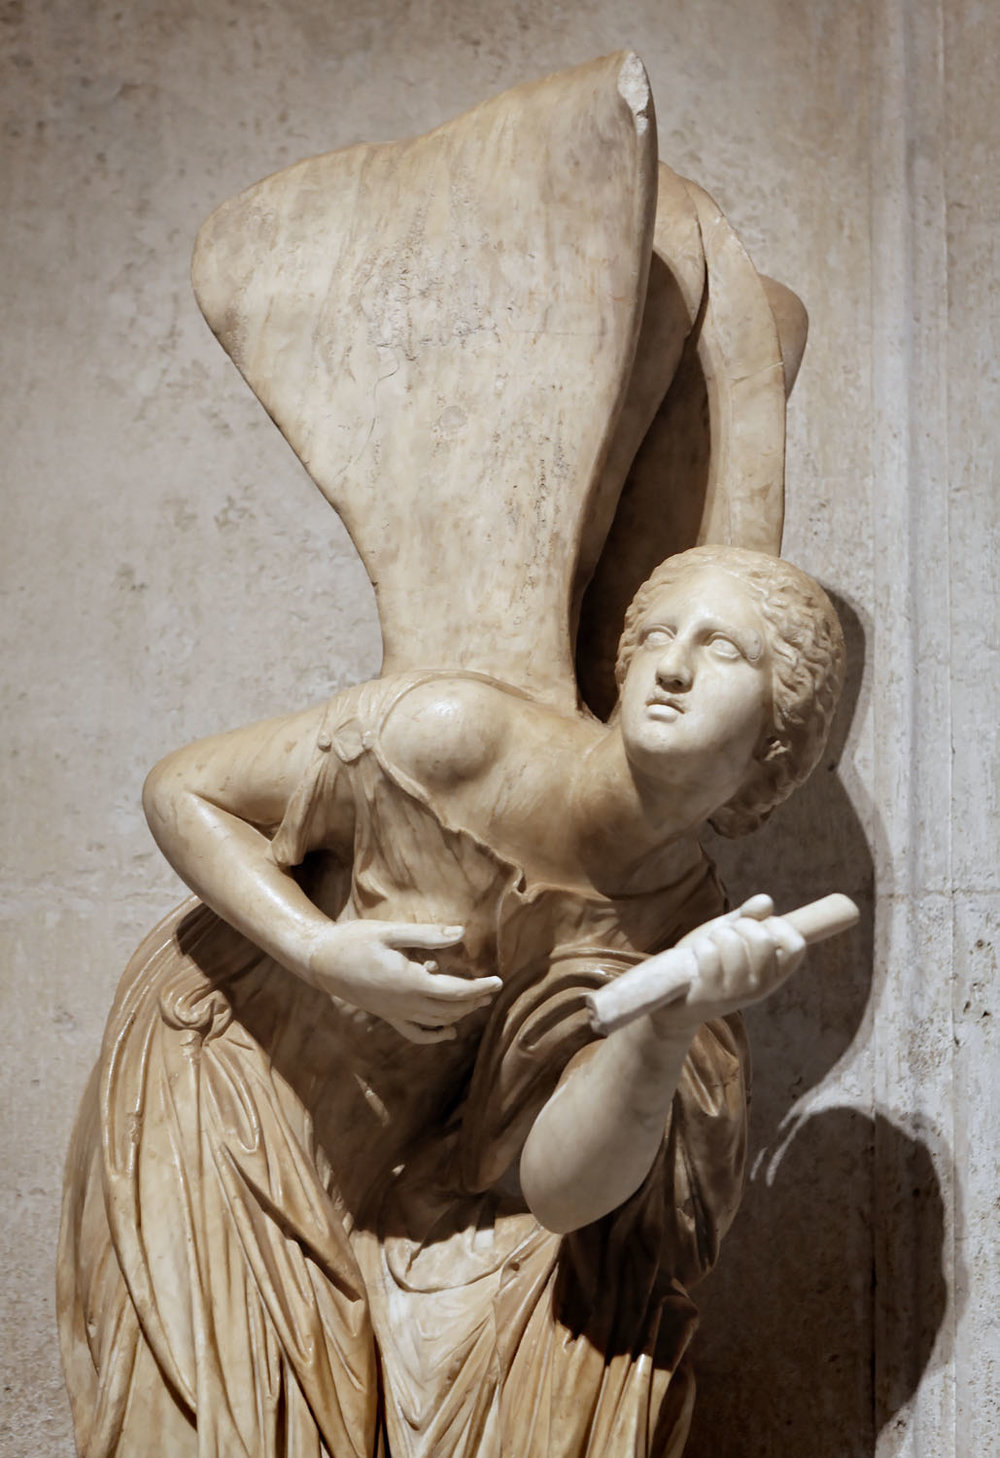 Winged Psyche, Musei Capitolini, Rome